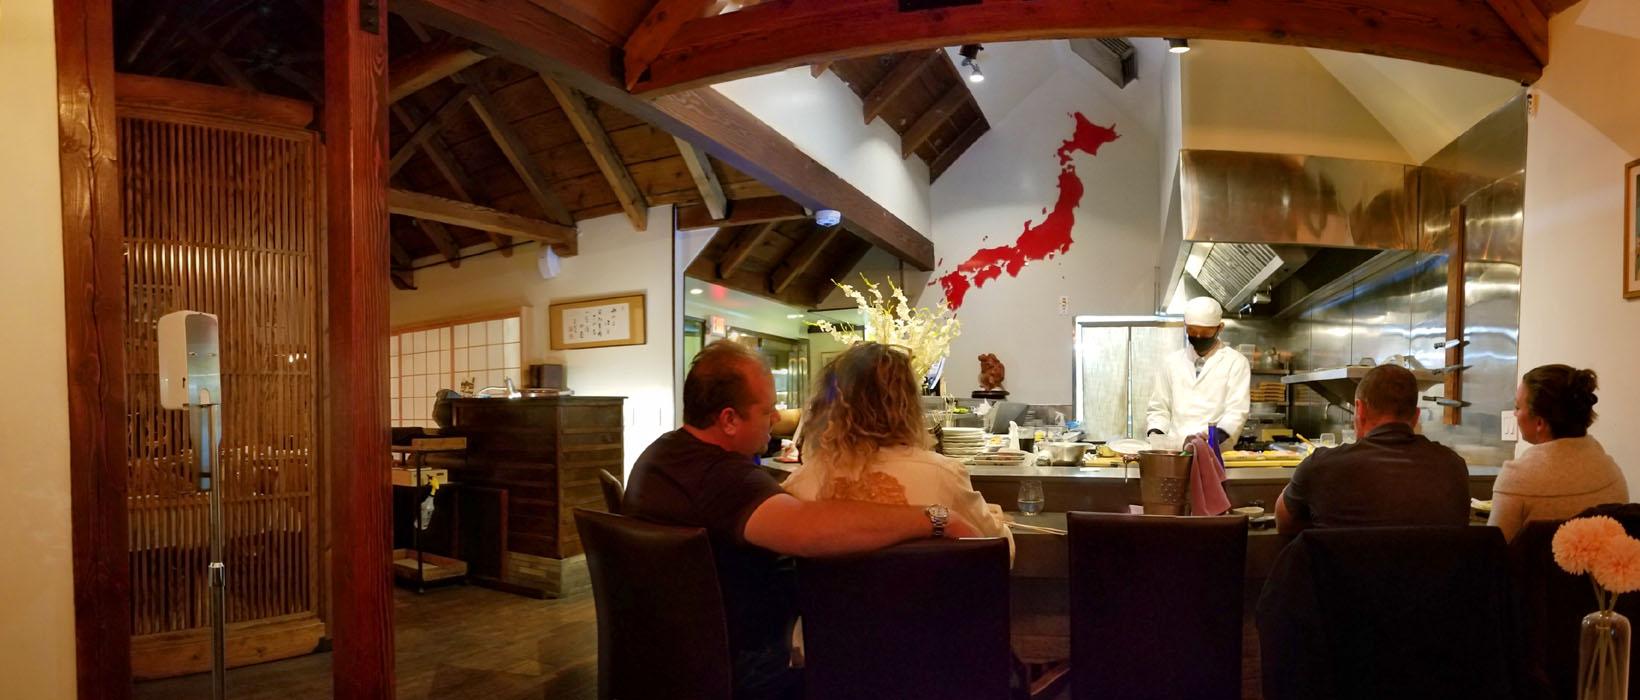 Gozen Interior: Kitchen Counter